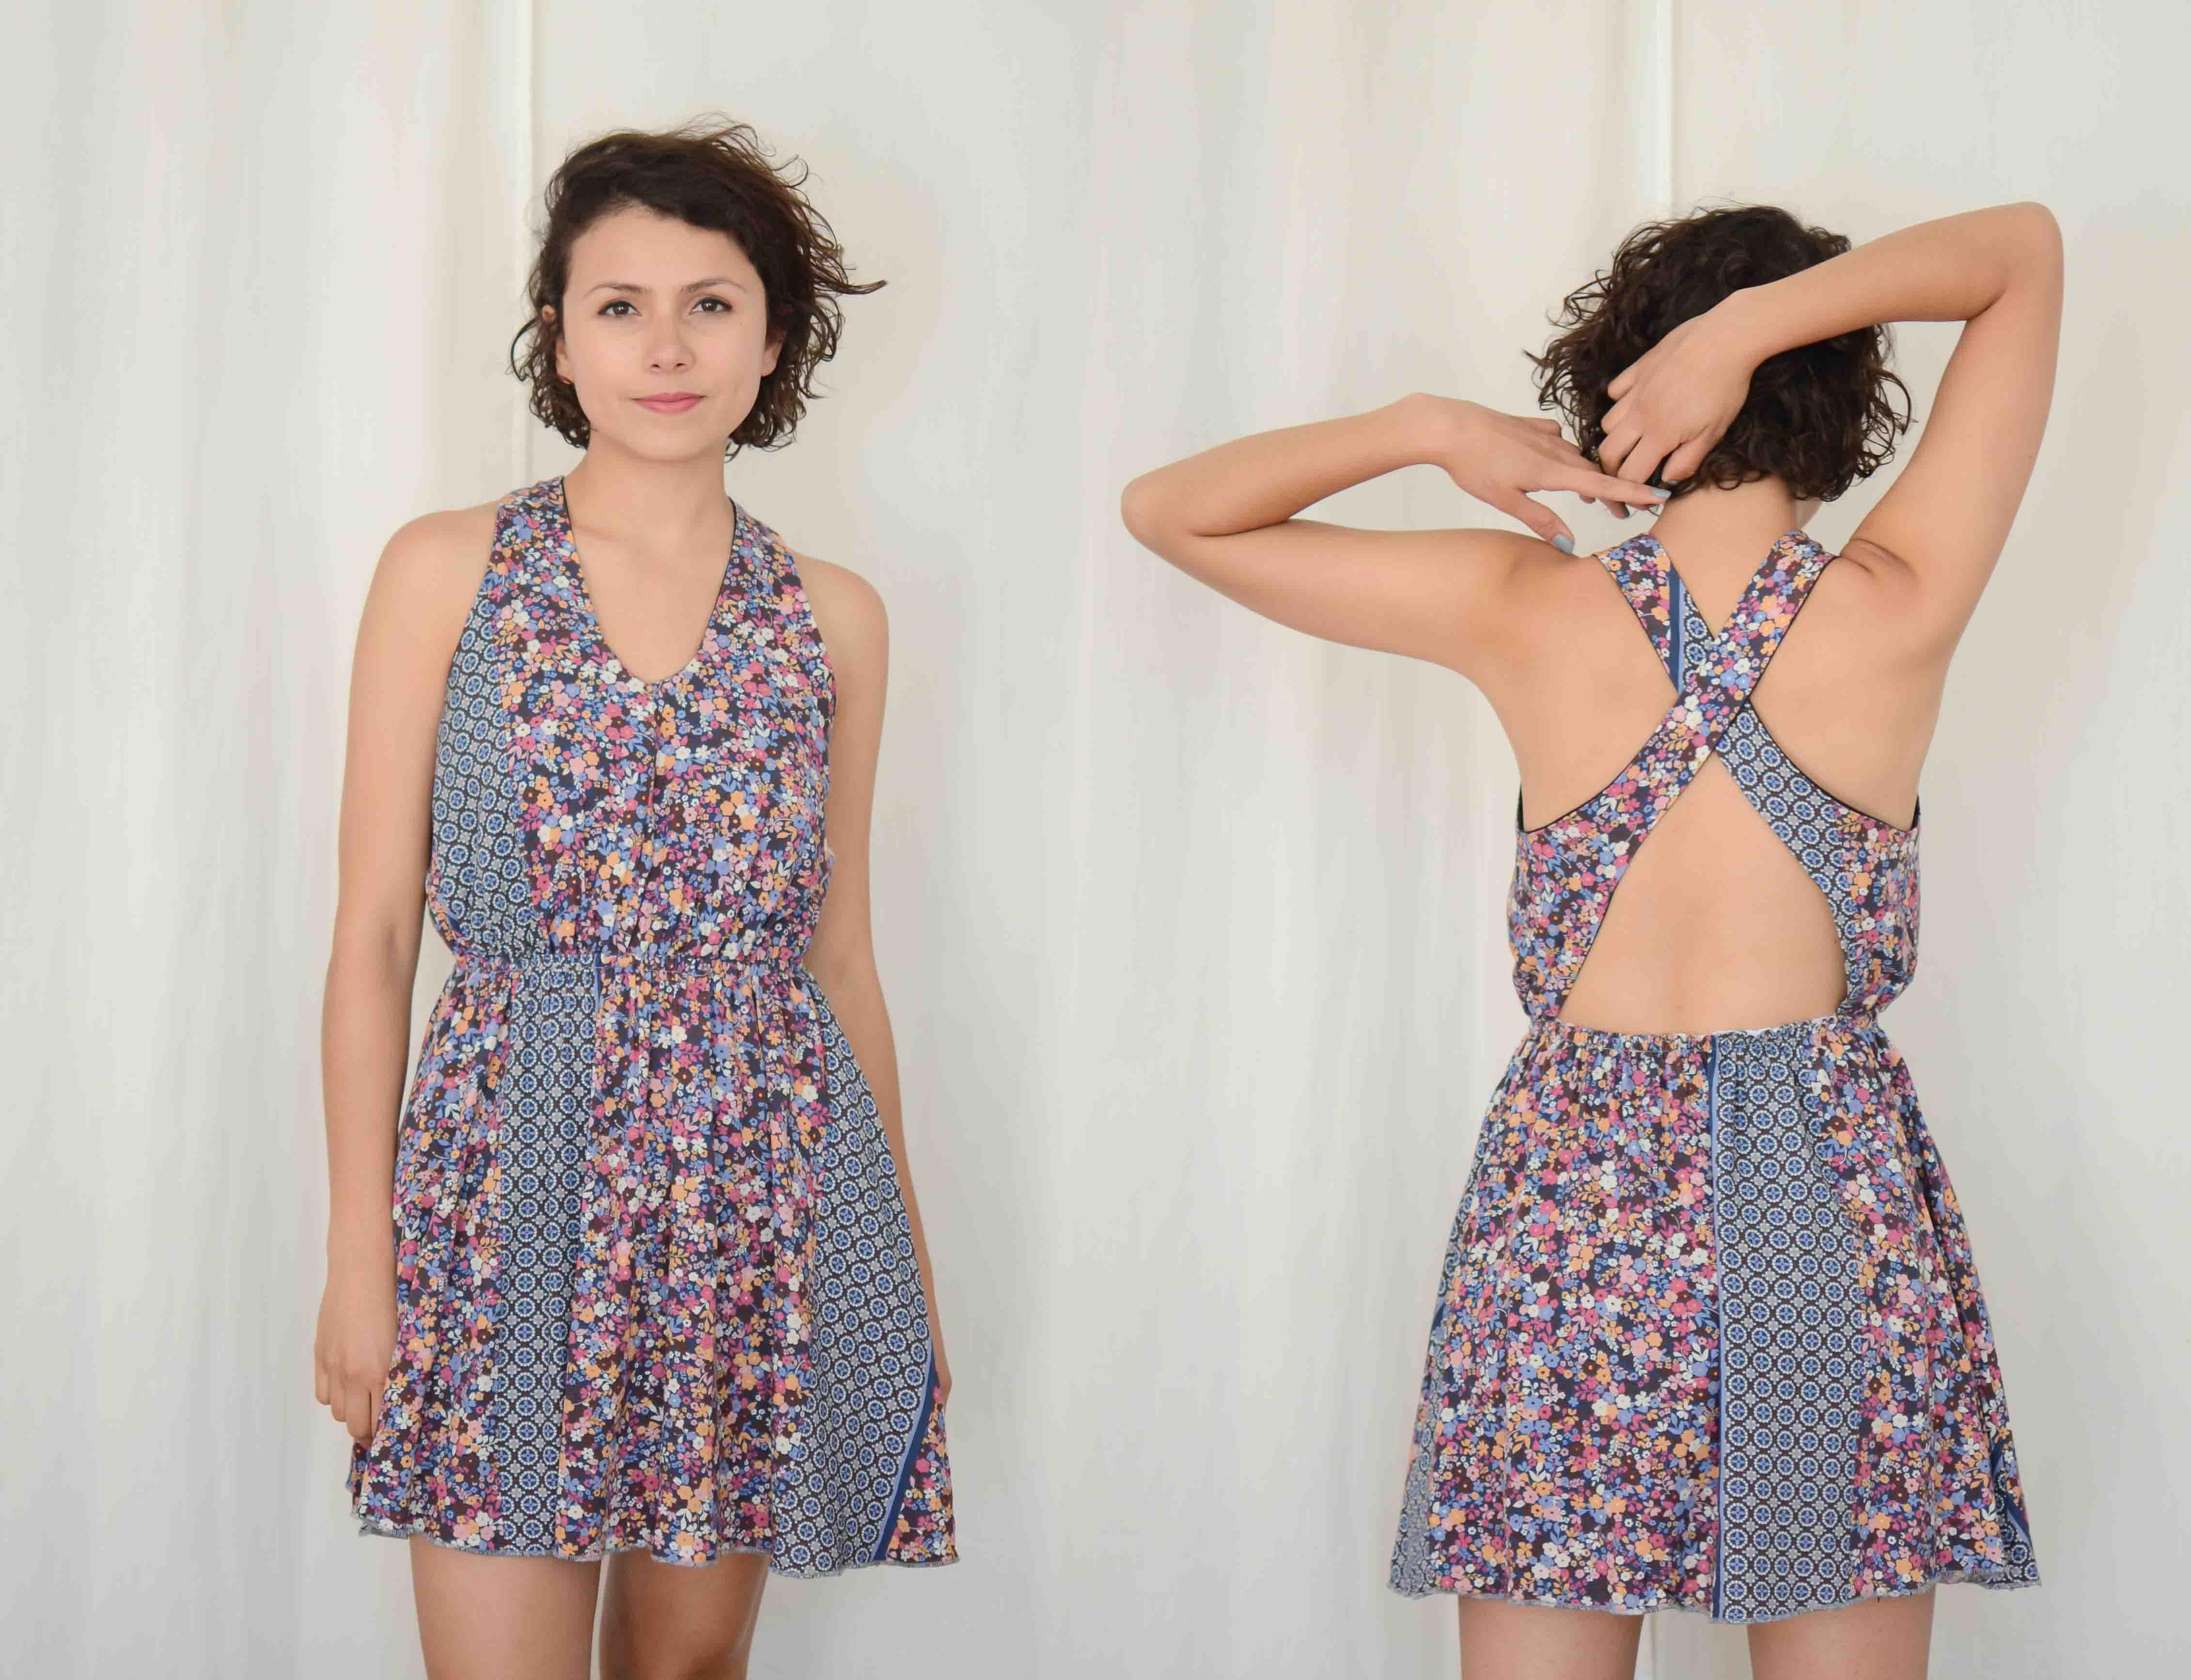 DARLILA DRESS sewing pattern - sewing - upcycling - pattern making